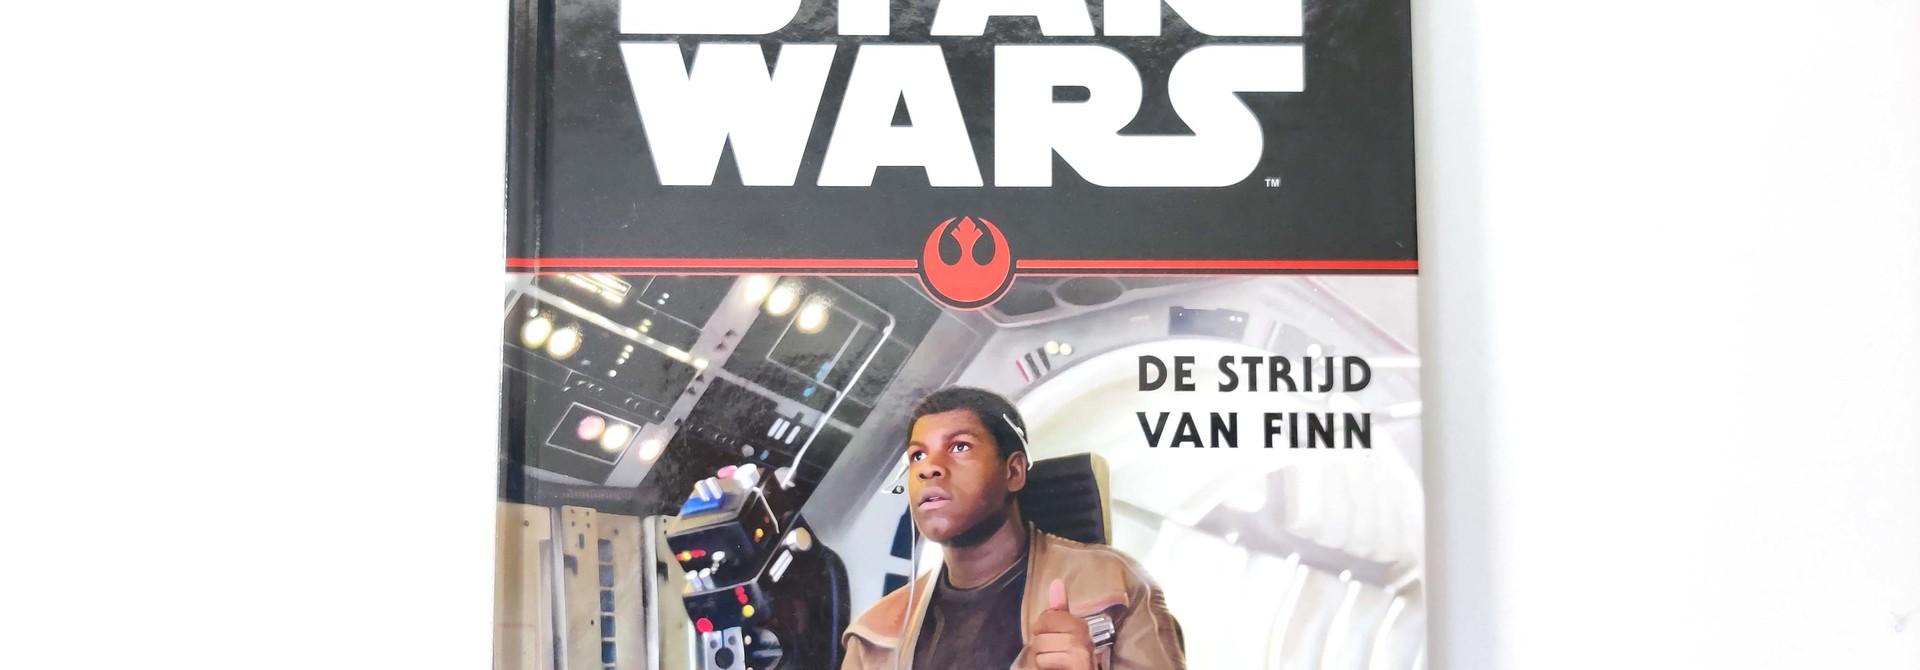 Leren lezen met Star Wars: de strijd van Finn